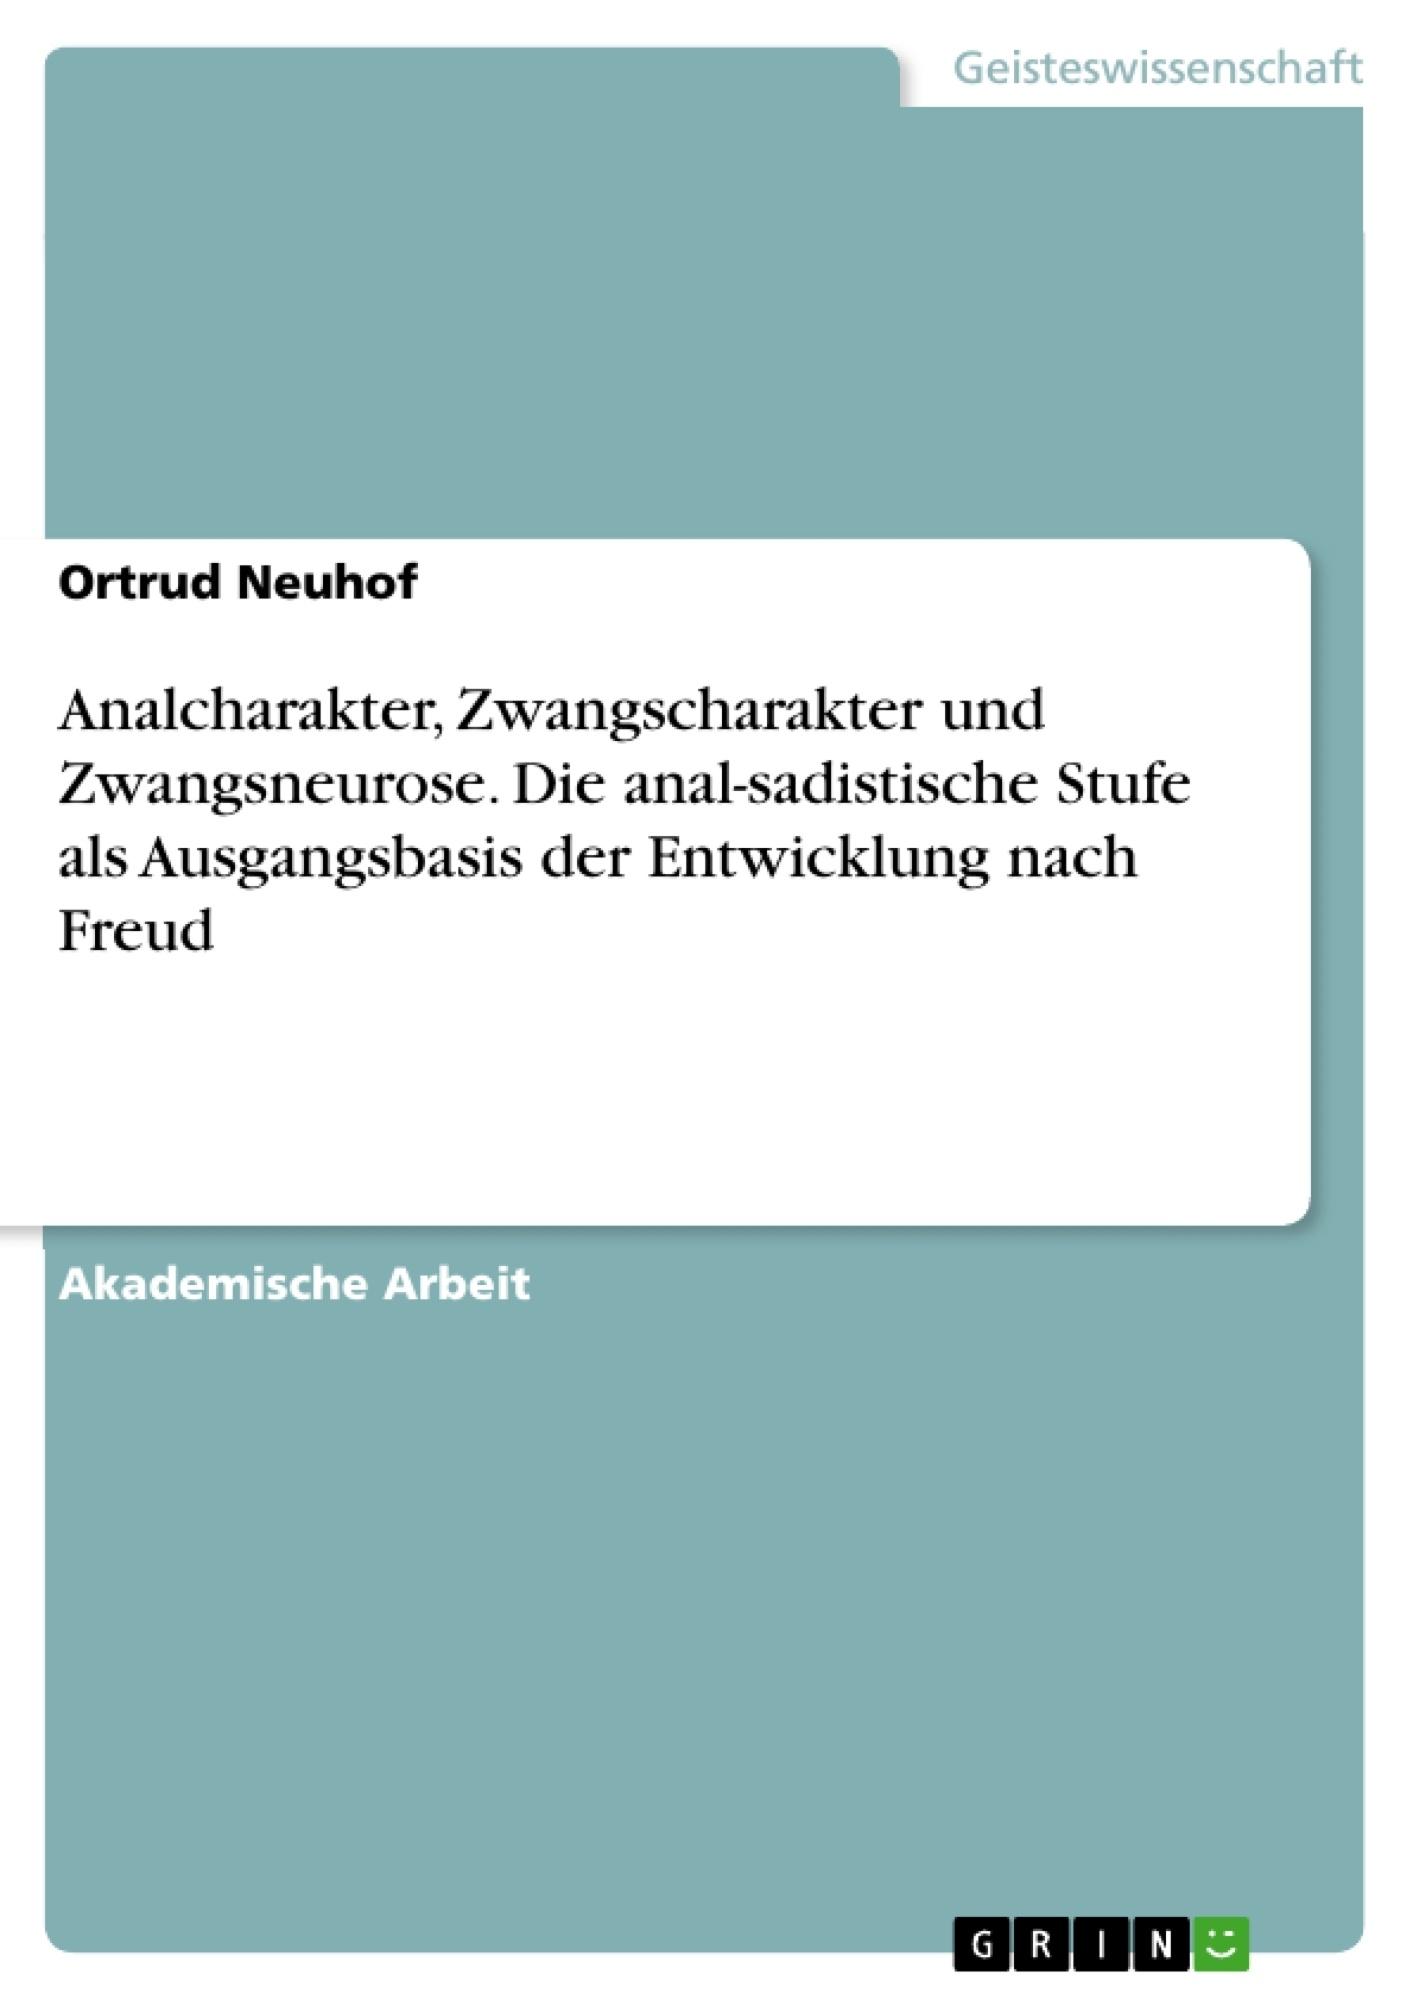 Titel: Analcharakter, Zwangscharakter und Zwangsneurose. Die anal-sadistische Stufe als Ausgangsbasis der Entwicklung nach Freud